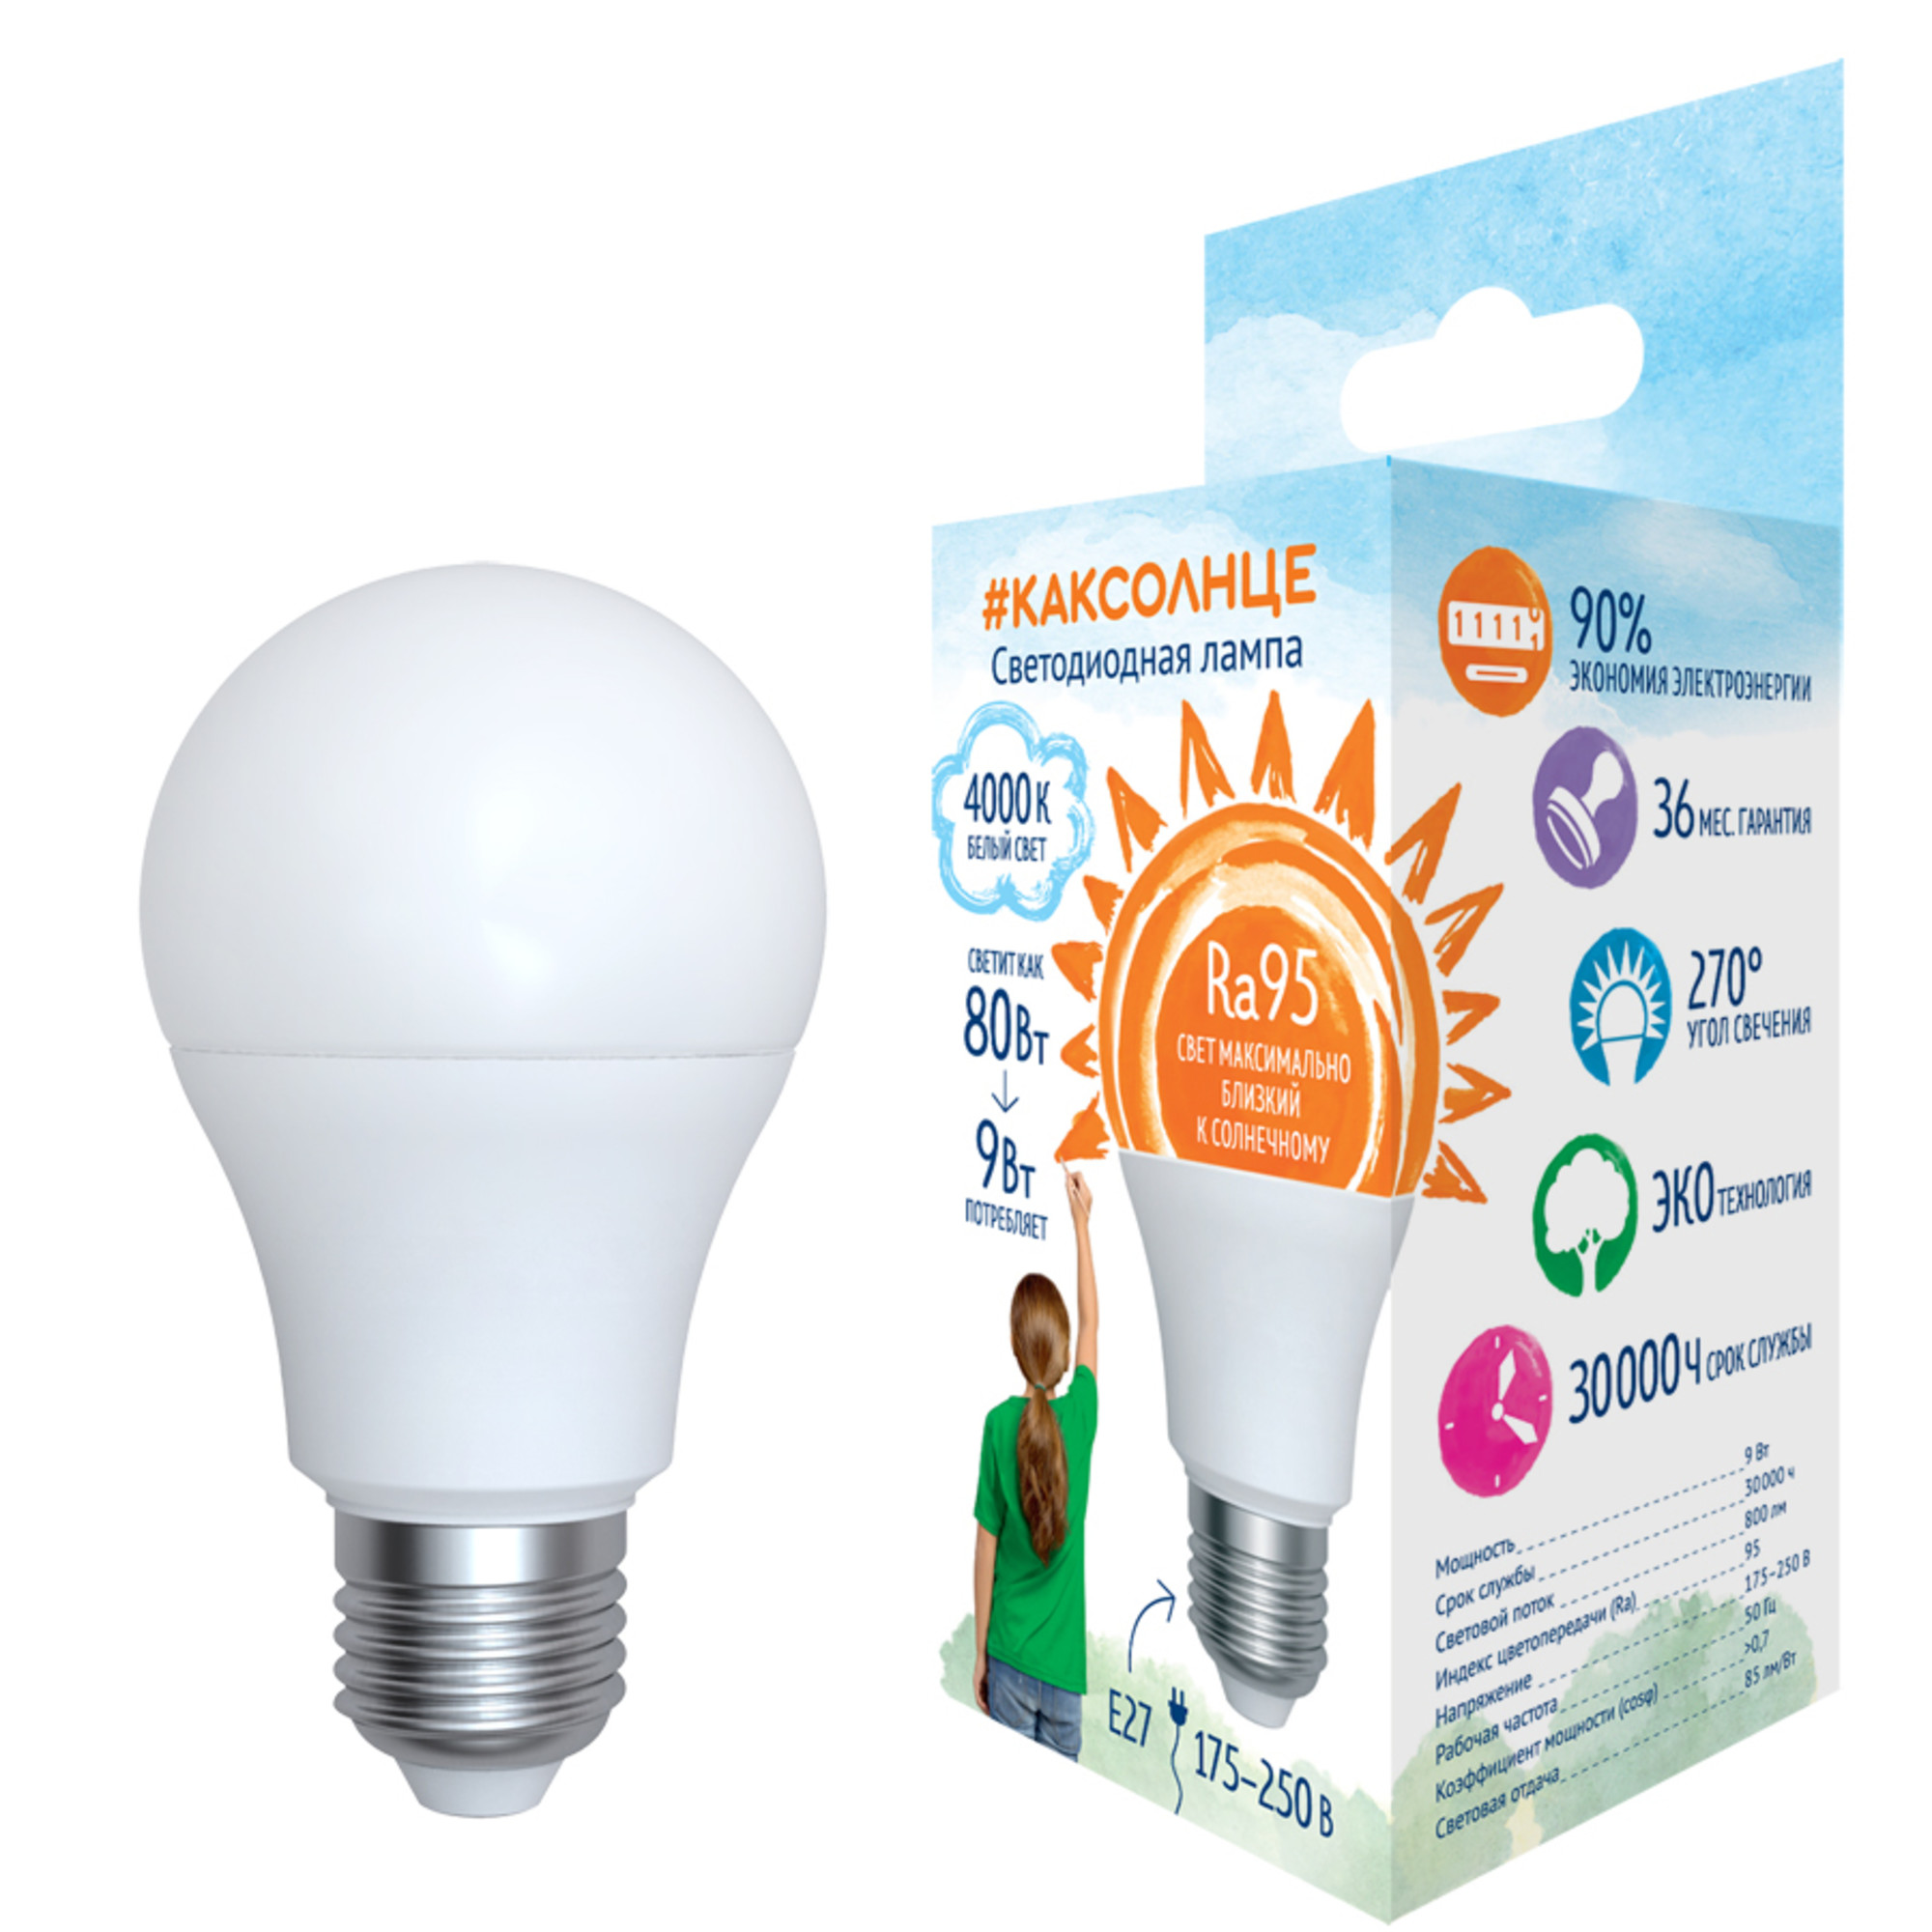 Лампа светодиодная Uniel E27 175-250 В 9 Вт груша матовая 800 лм холодный белый свет